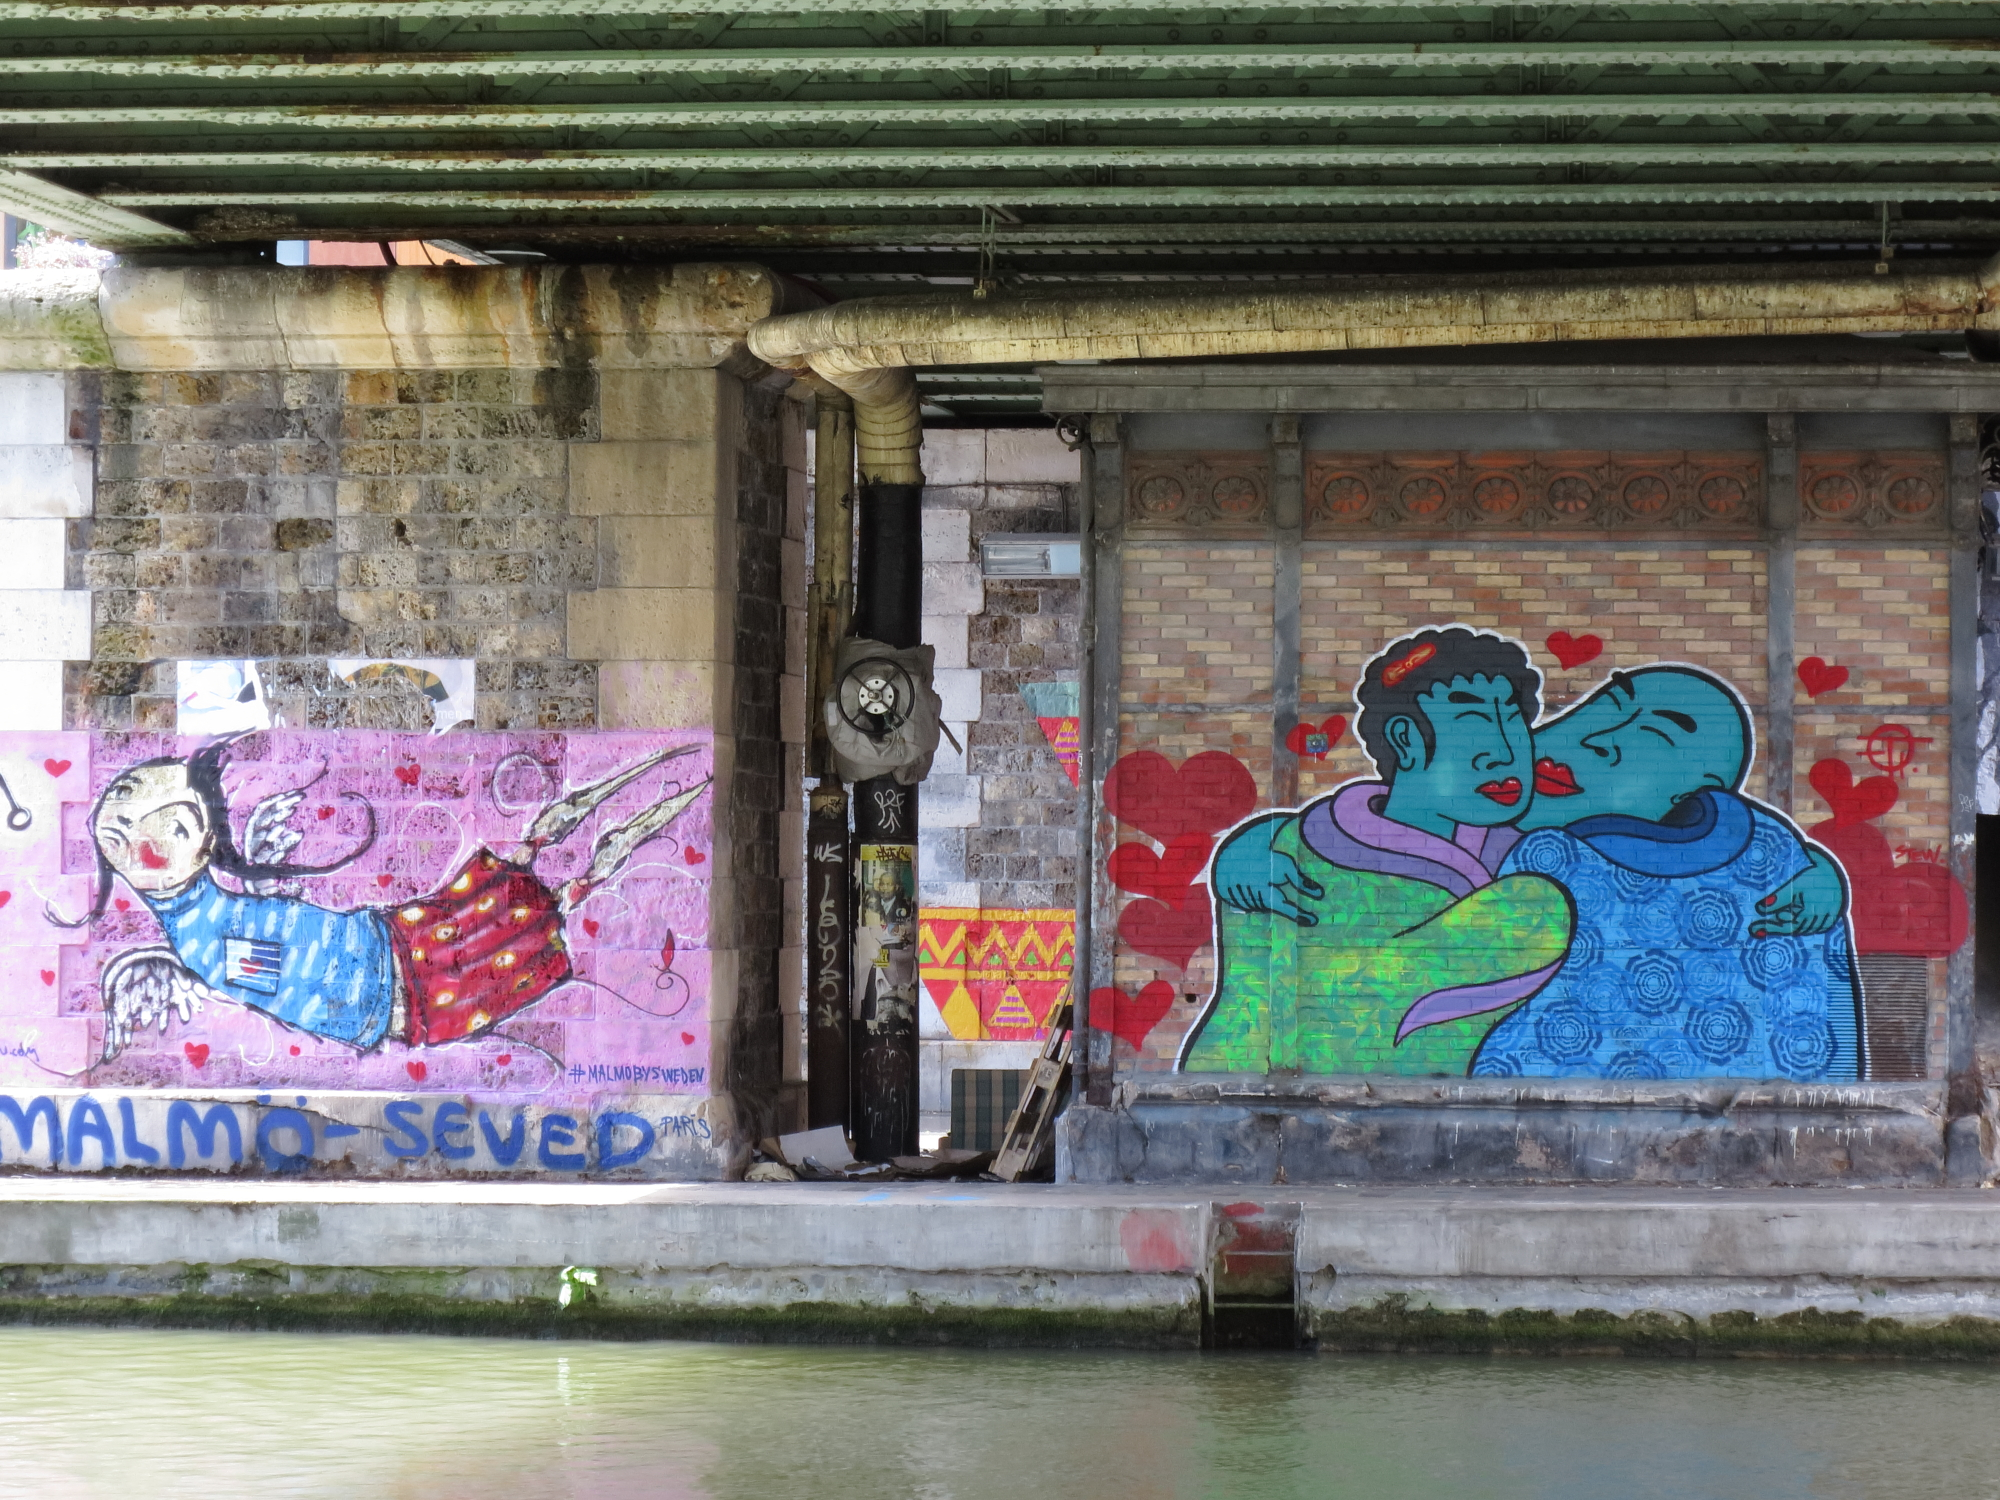 Street art along the Canal de l'Ourcq